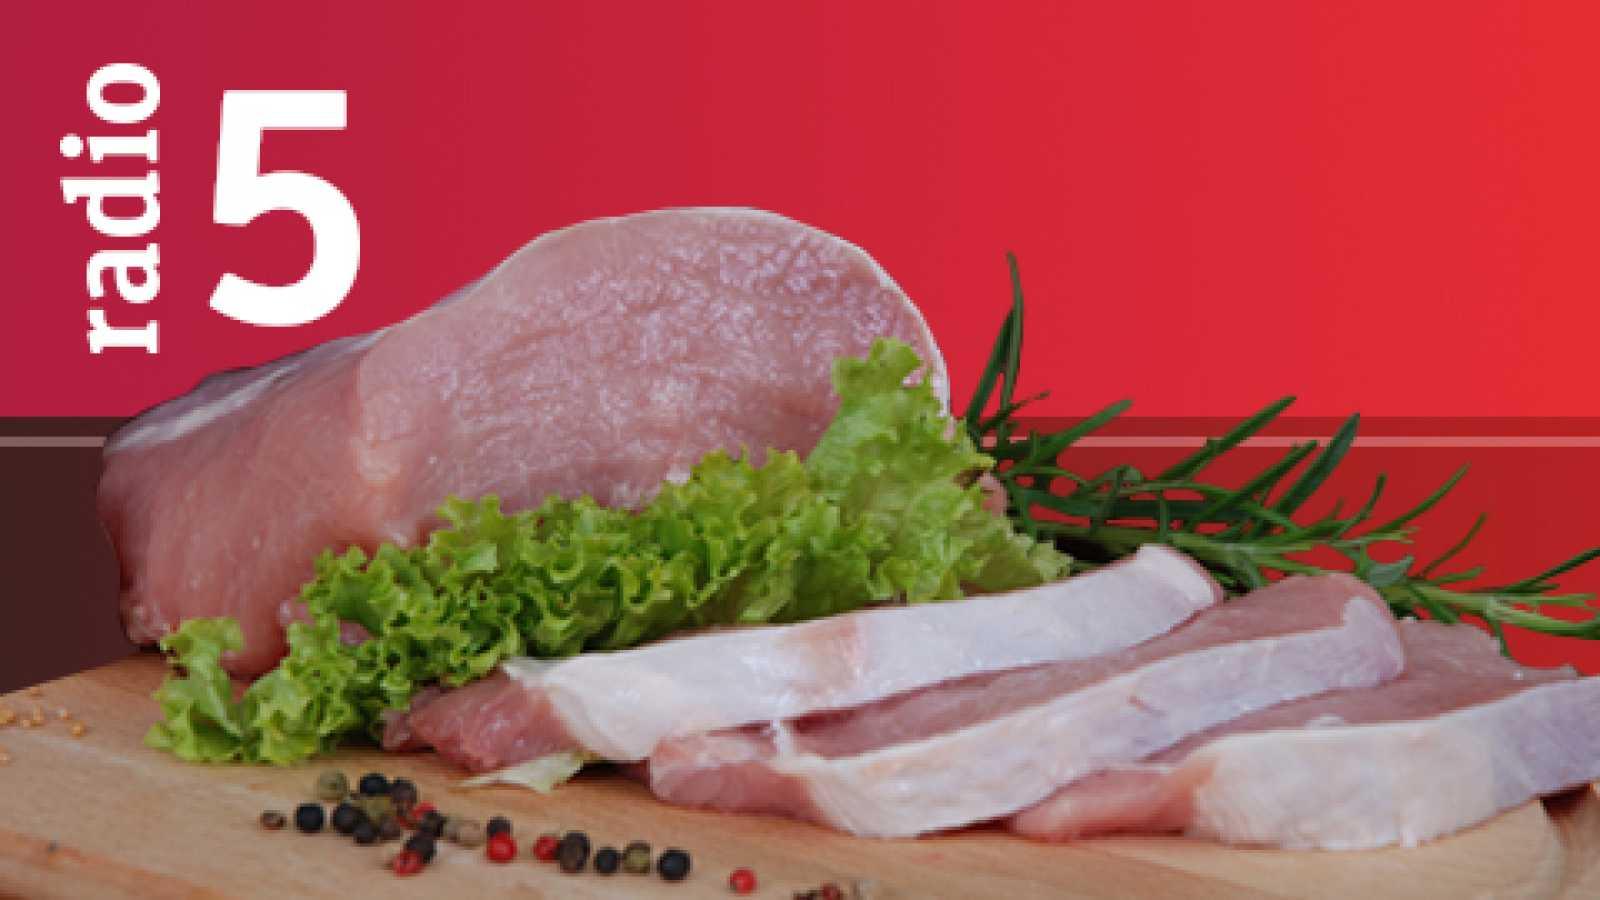 El mundo de la carne - Disfruta de la carne en invierno - 06/01/18